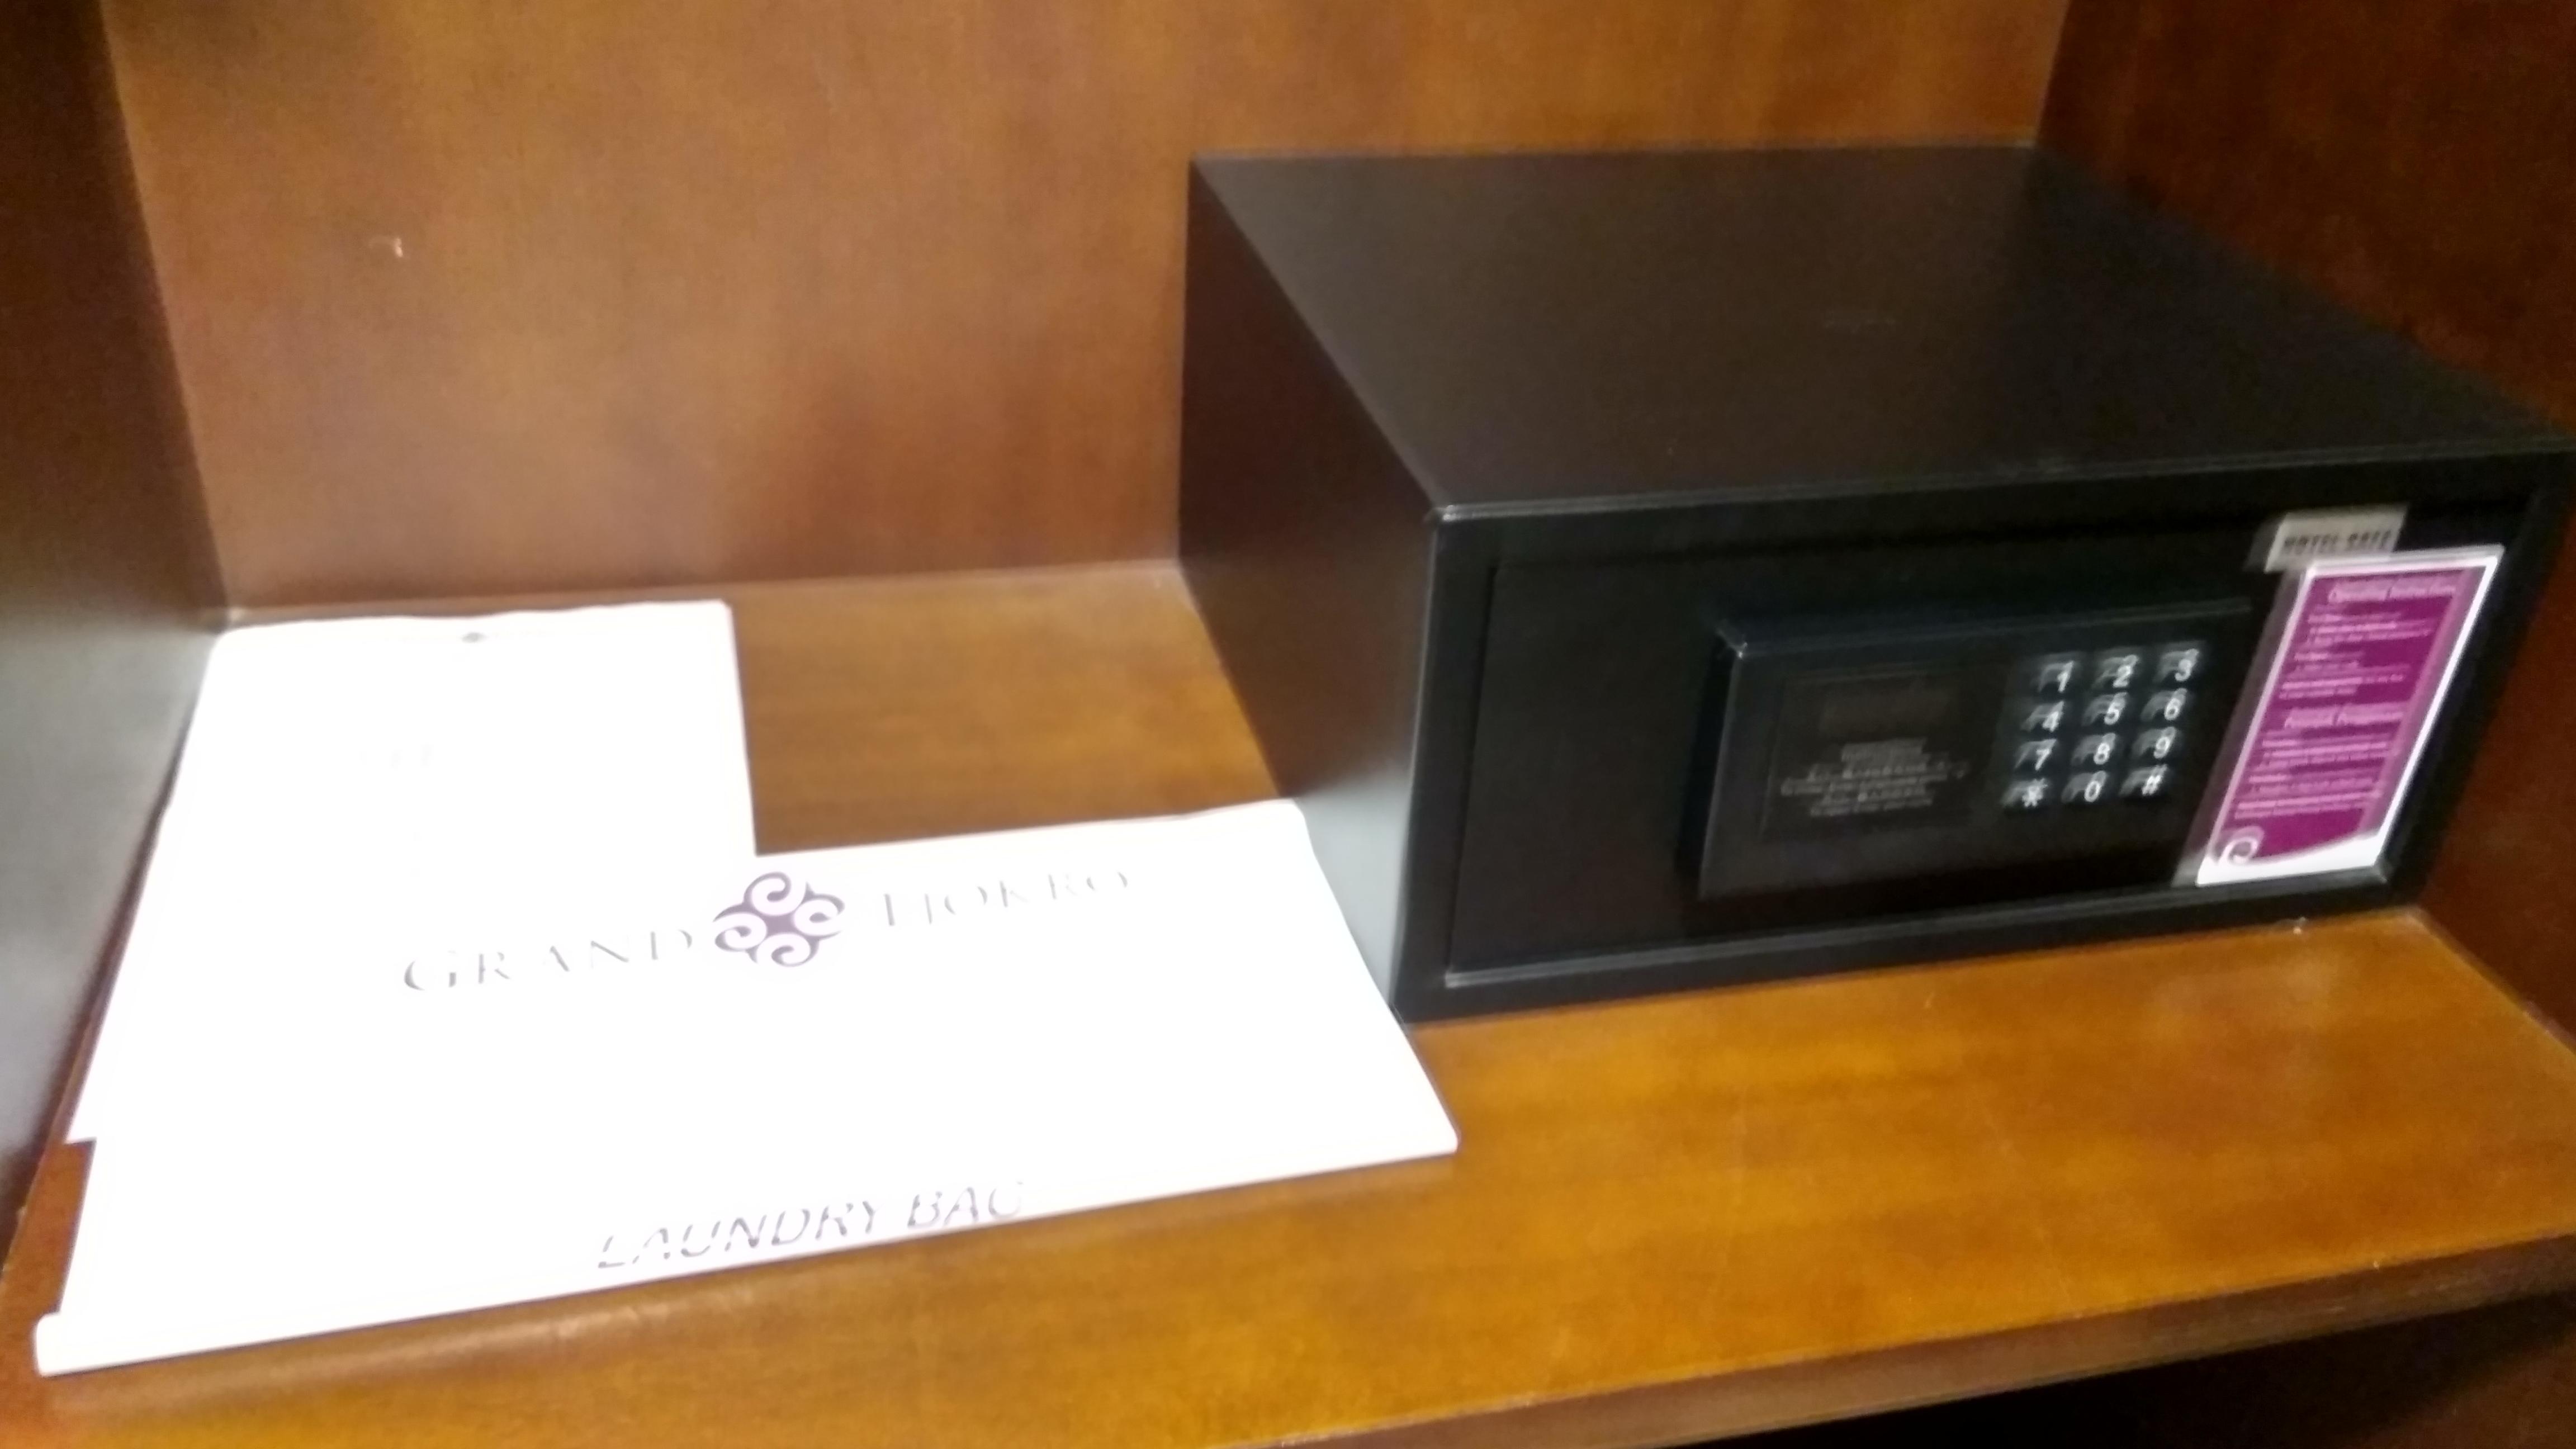 Fasilitas Safe defosit box di semua type kamar Grand Tjokro Balikpapan